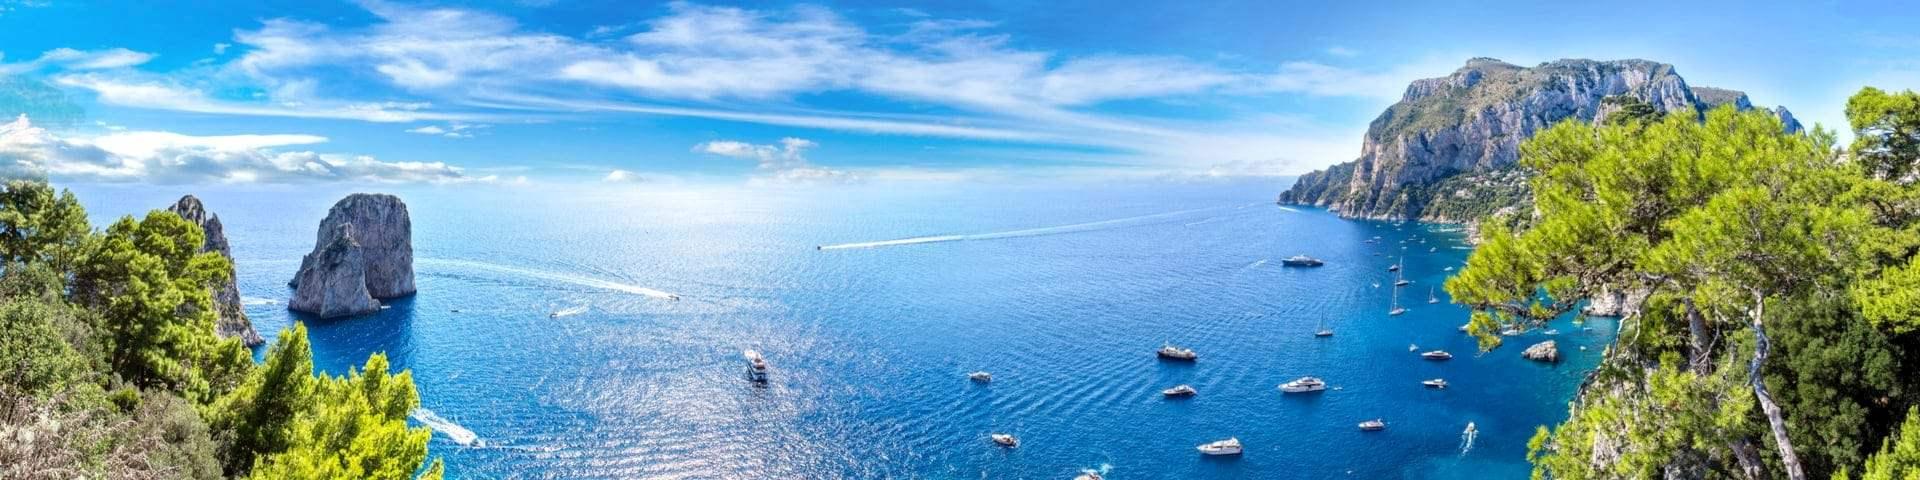 Capri Tours & Day Trips